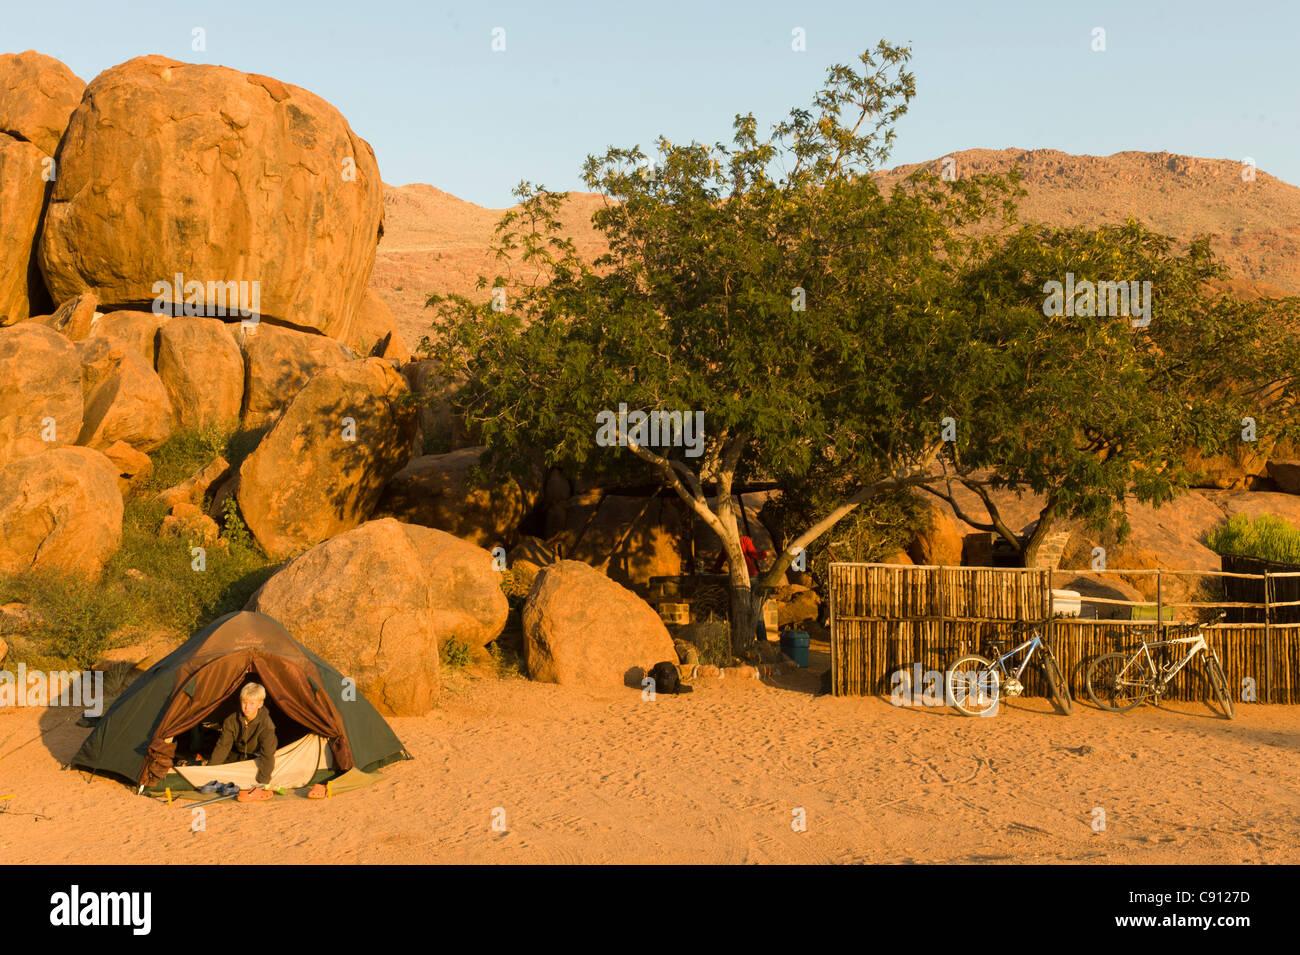 Boy climbing out of his tent on Koiimasis farm Tiras Mountains Namibia - Stock Image